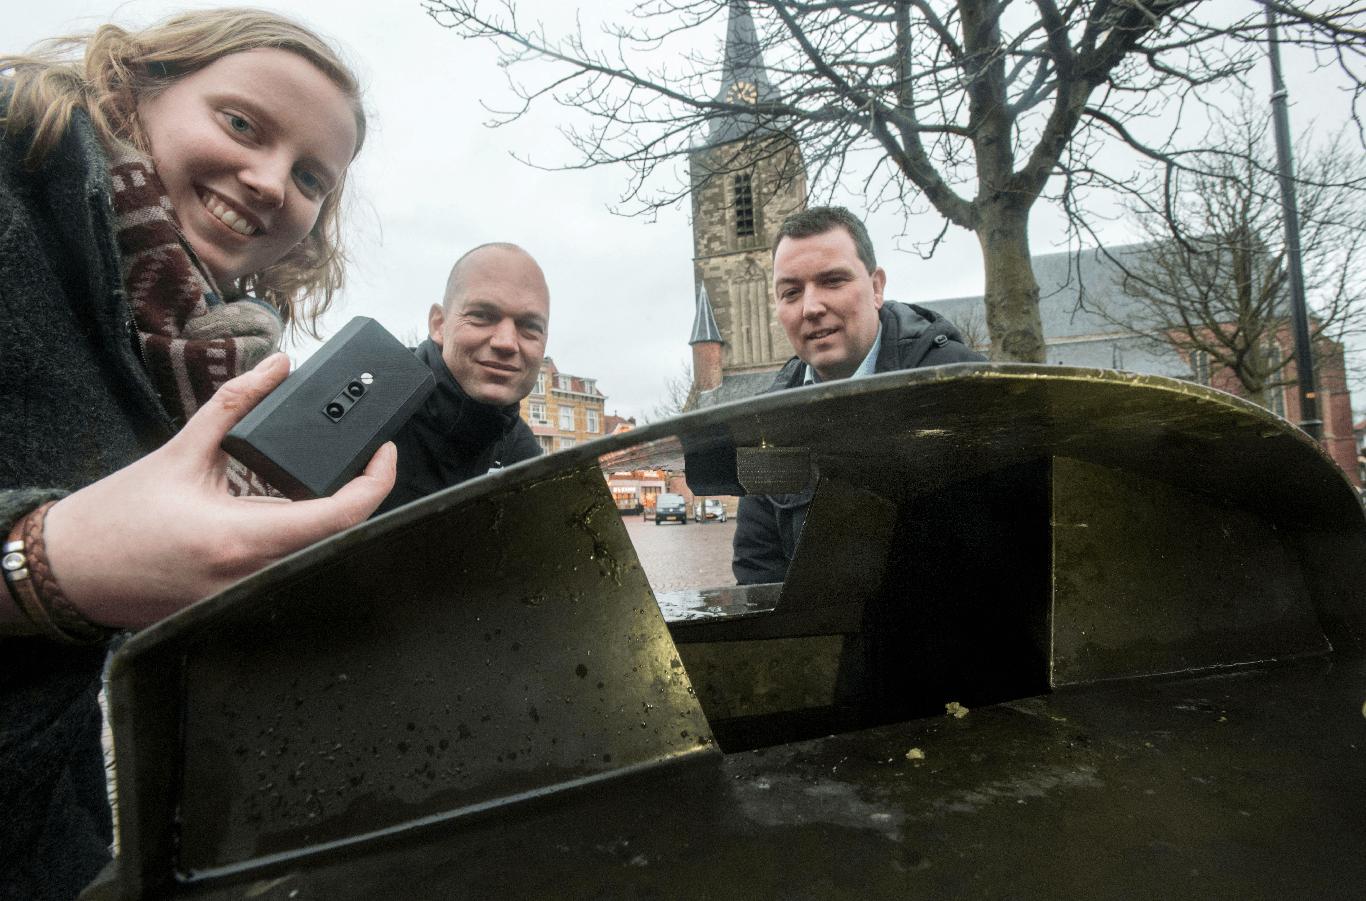 Smart city application; the sensor put in a waste bin